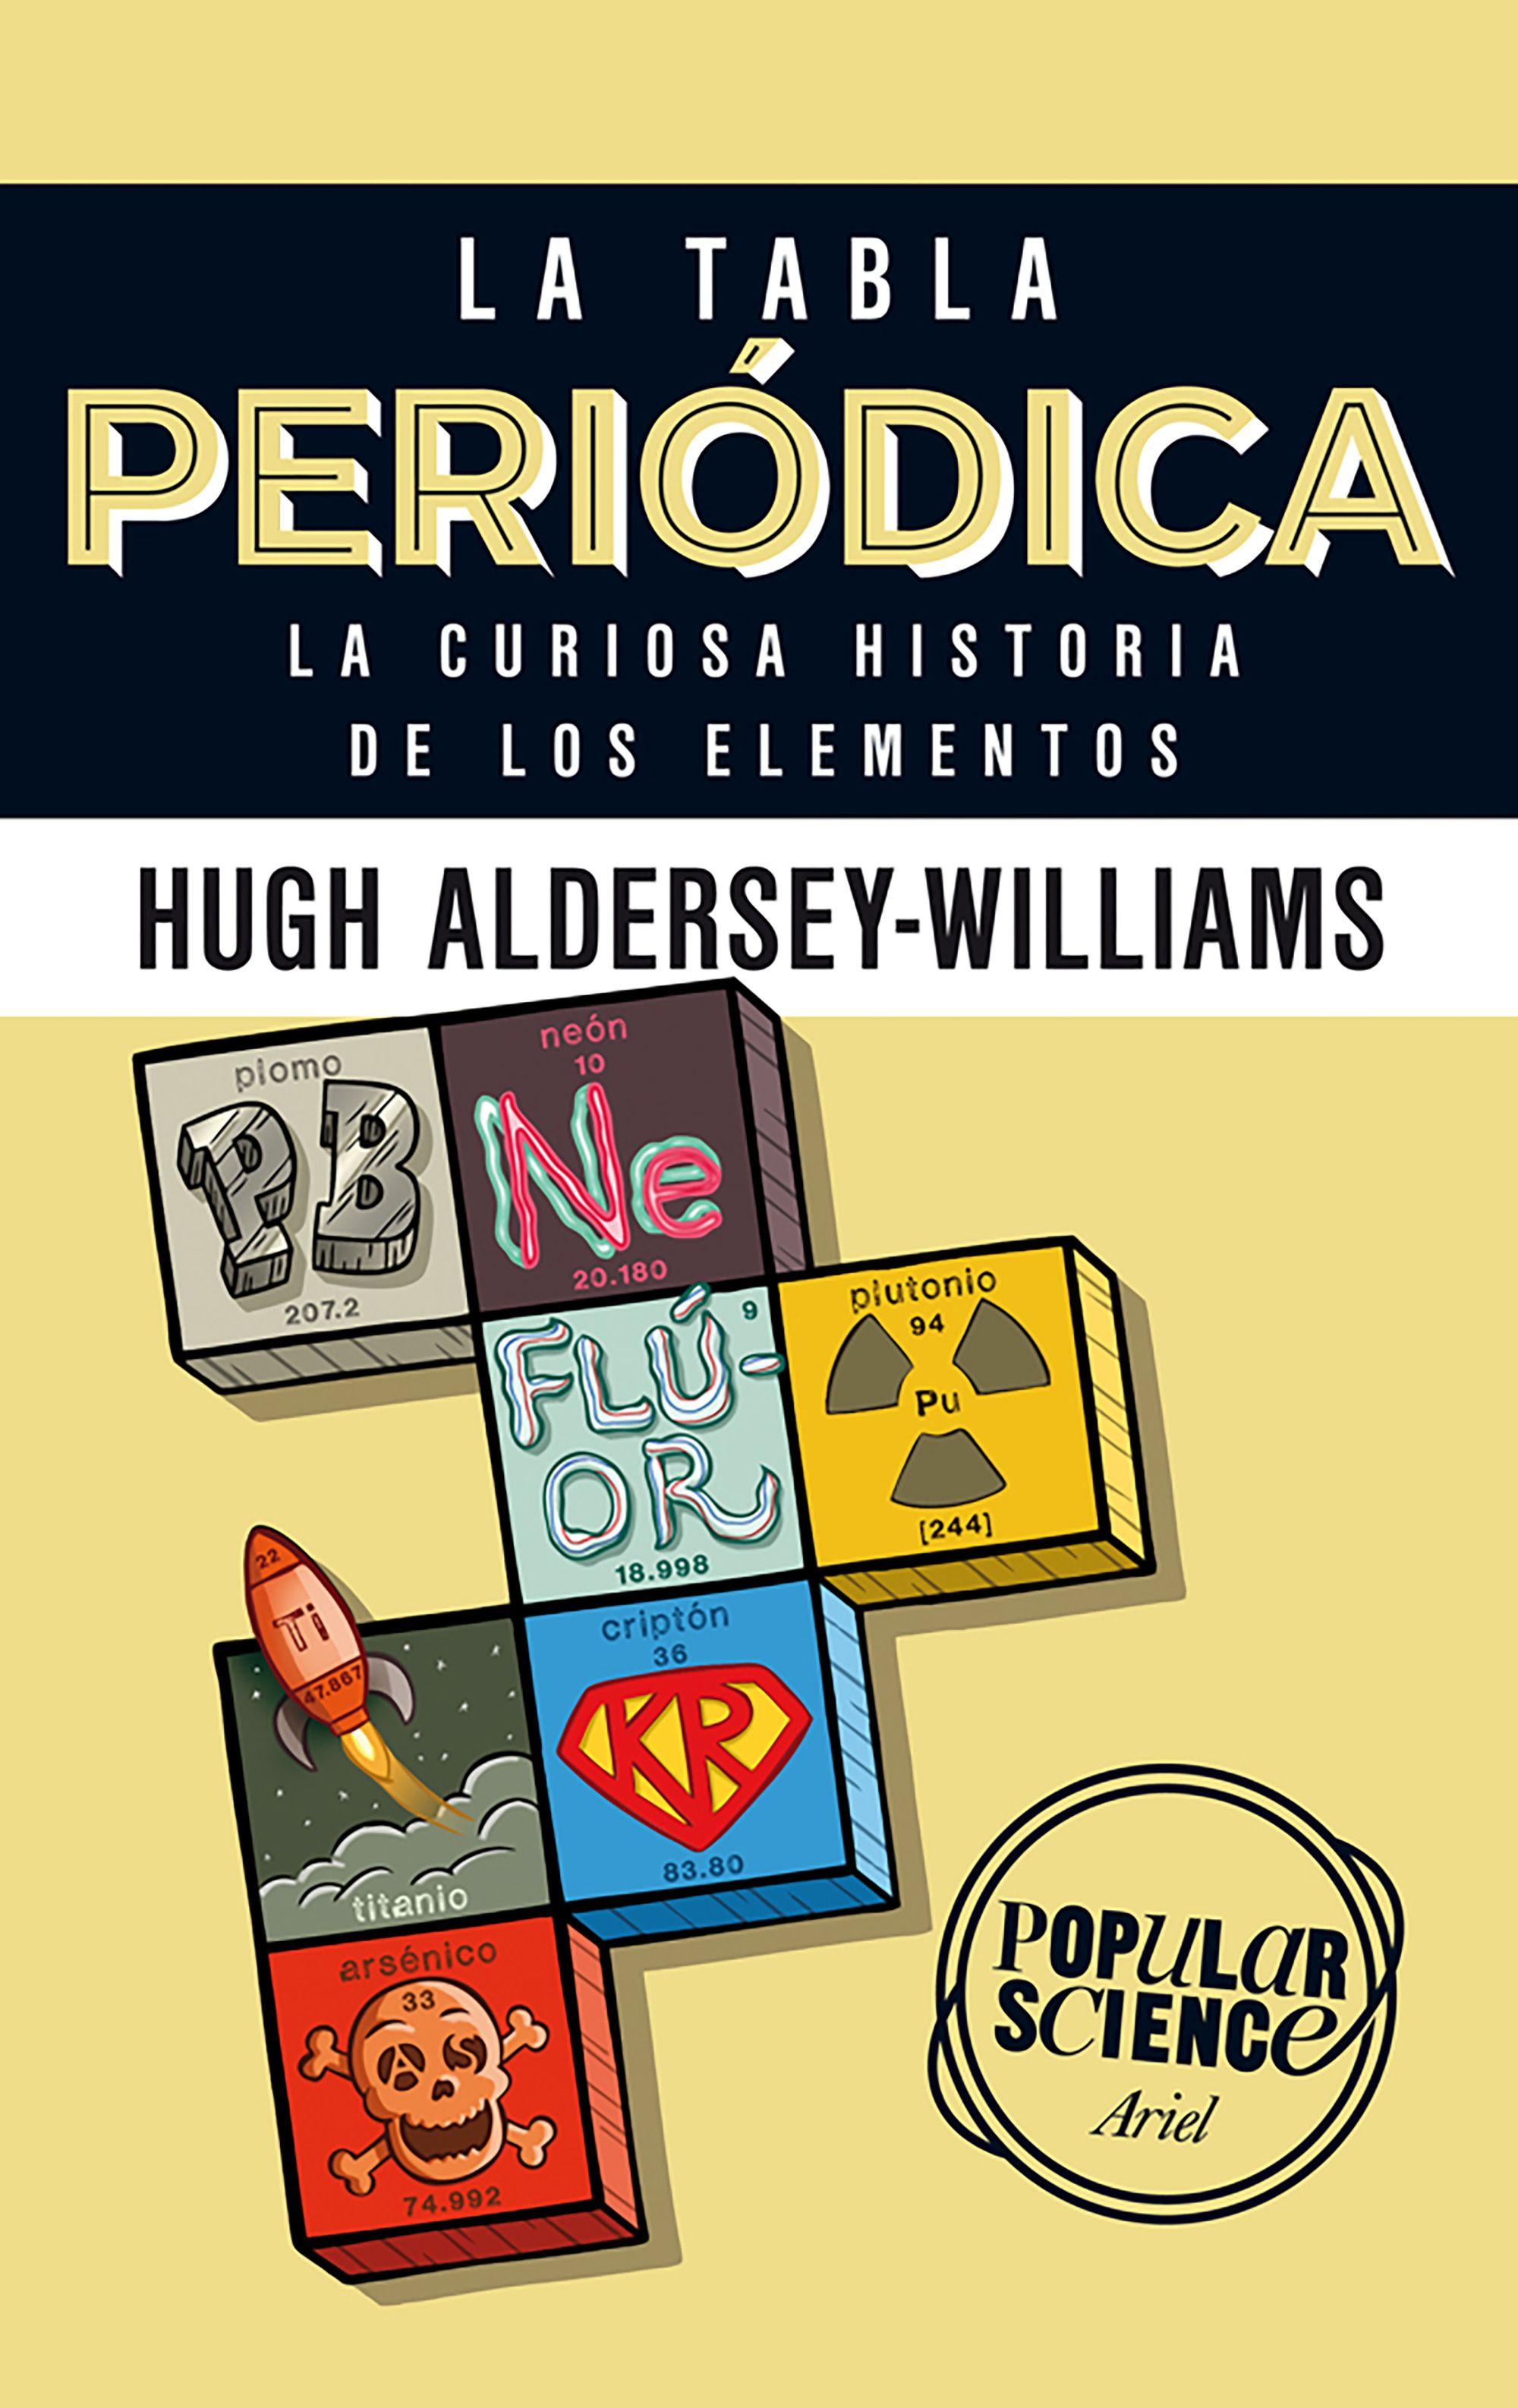 La tabla peridica planeta de libros hugh aldersey williams urtaz Image collections